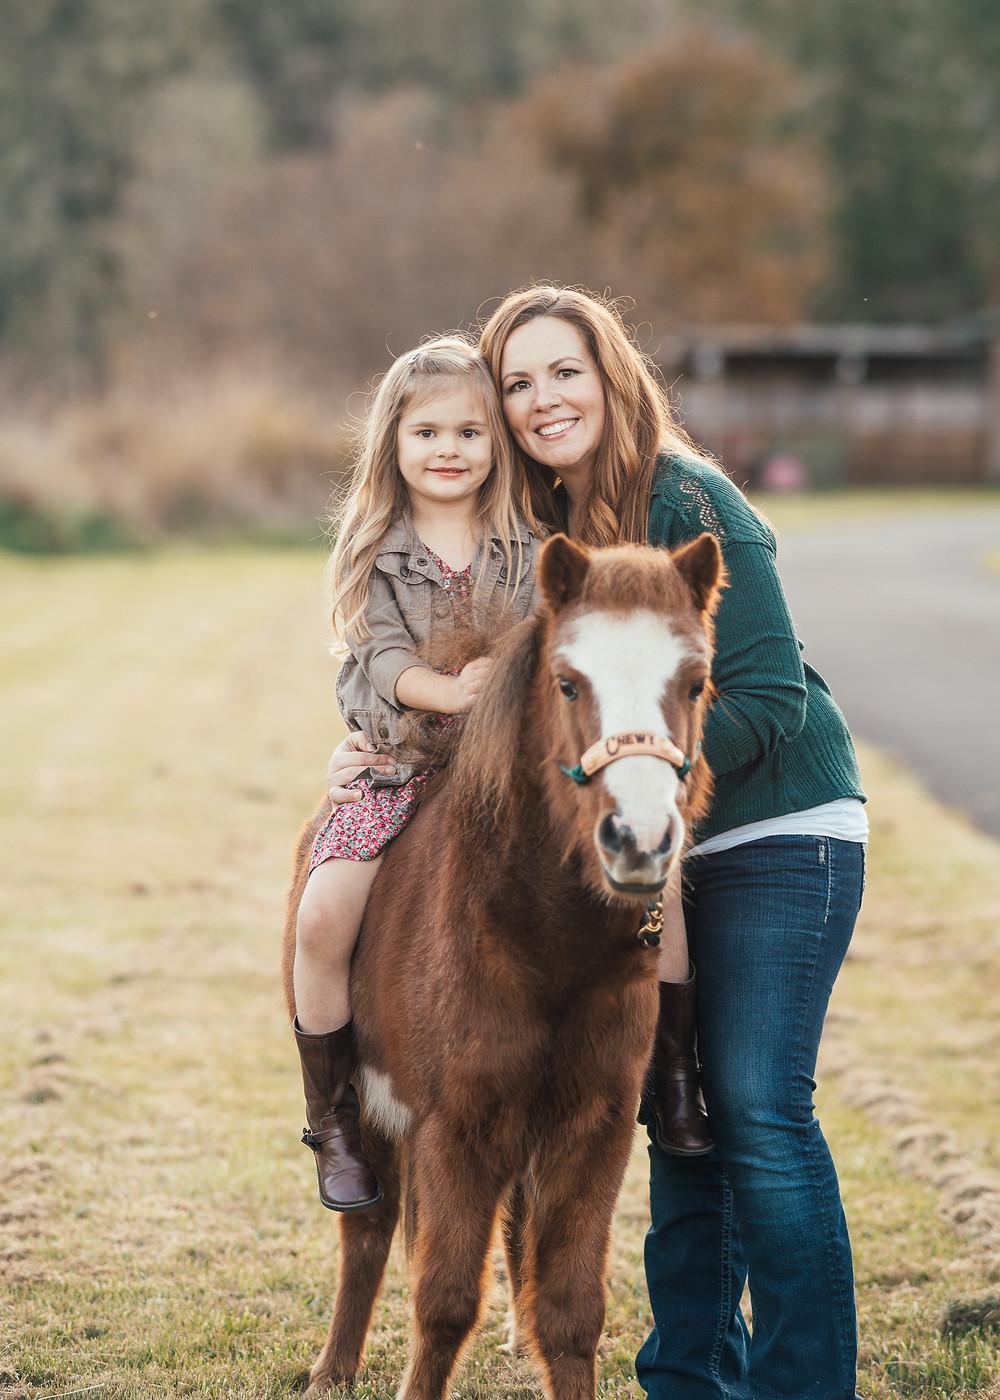 Cailtyn & her mom, Sara